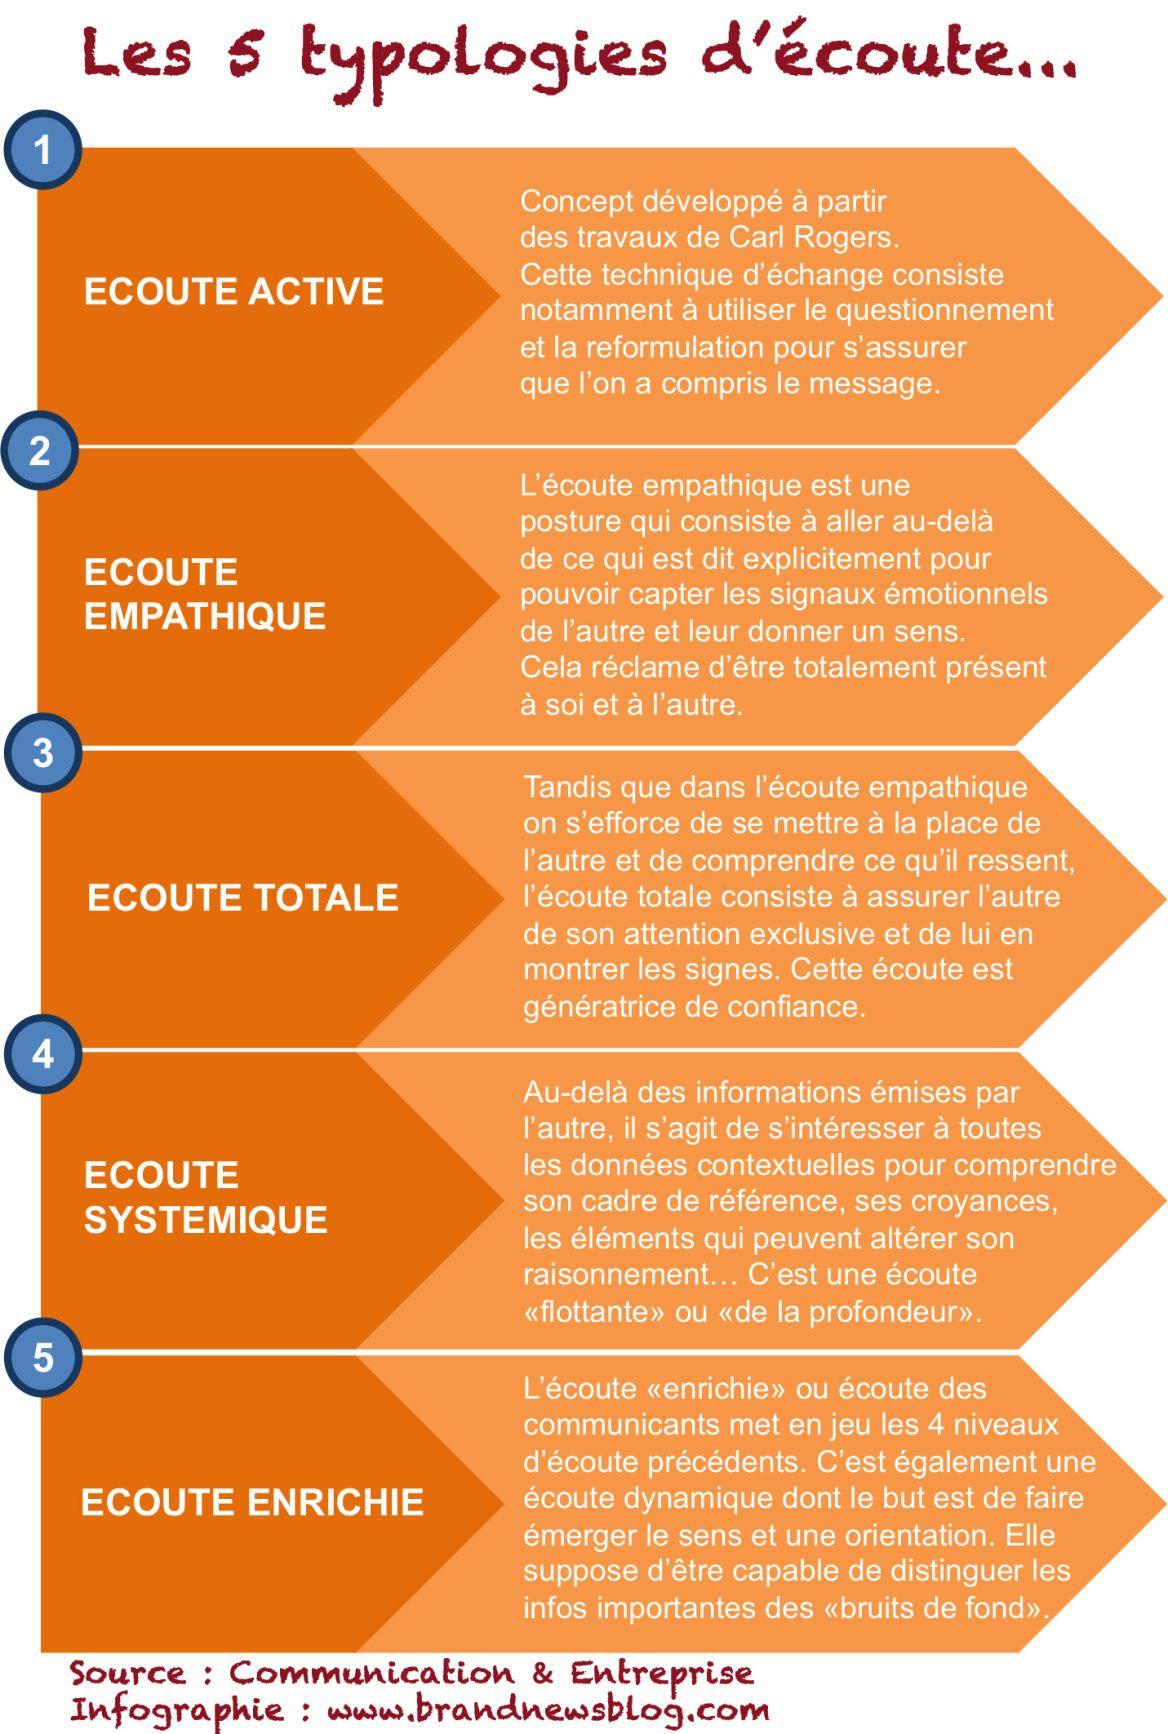 L Ecoute The Brandnewsblog L Le Blog Des Marques Et Du Branding Ecoute Active Amelioration De Soi Psychoeducation